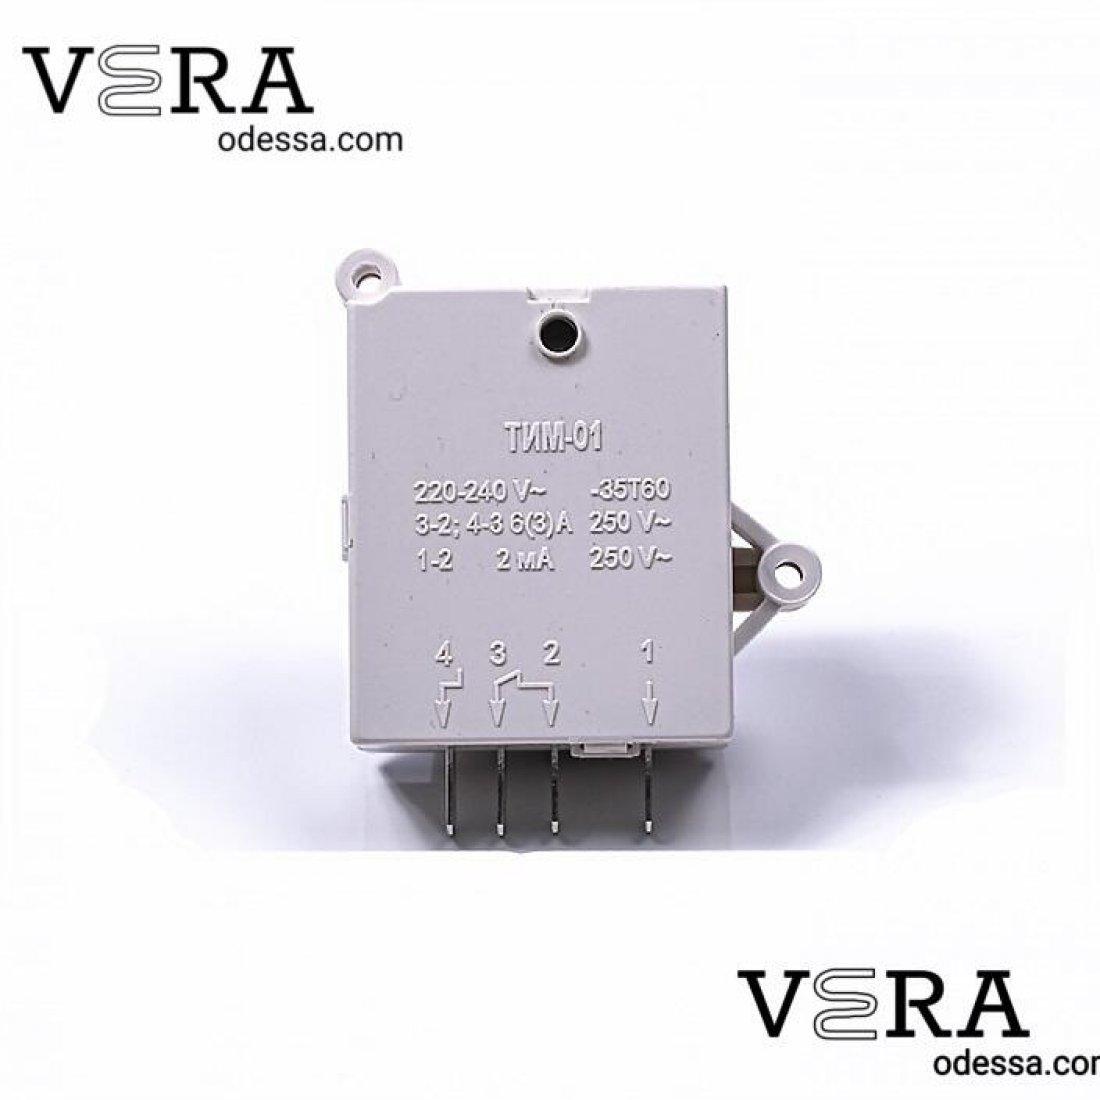 Купити таймер оттайки ТІМ - 01 для холодильника INDESIT оптом, фотографія 2